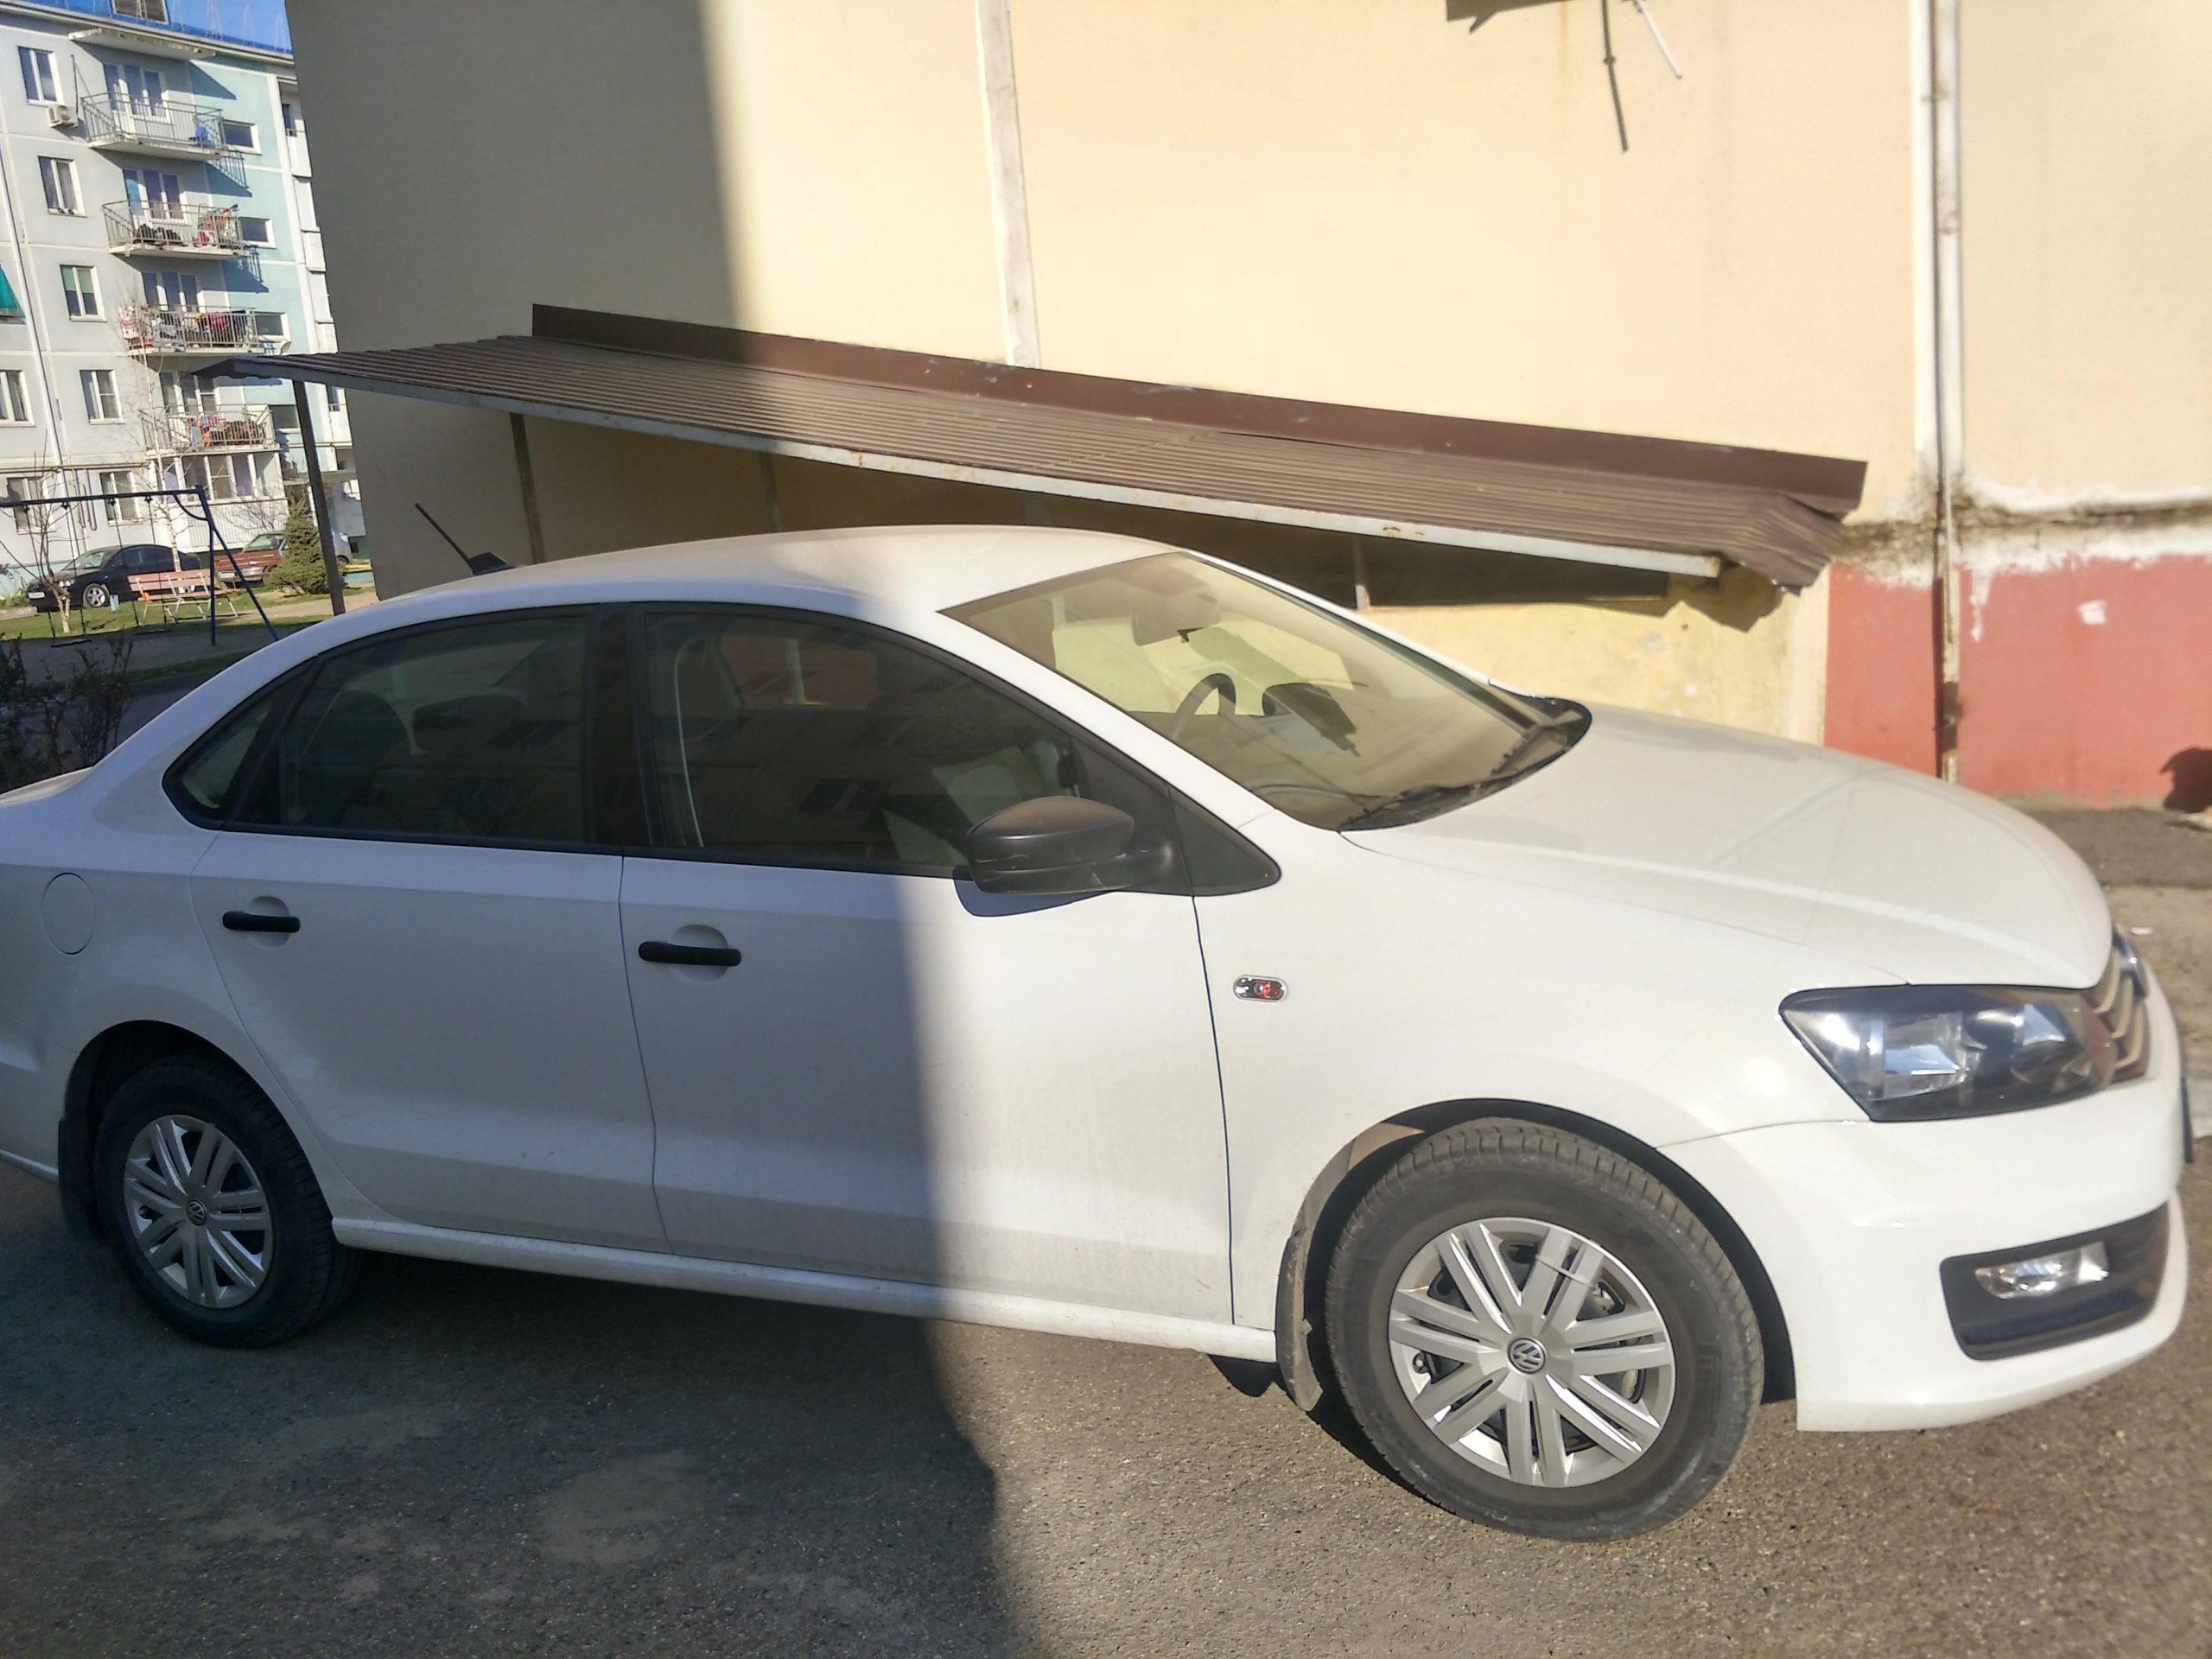 Volkswagen Polo — Нормальный автомобиль за такие деньги